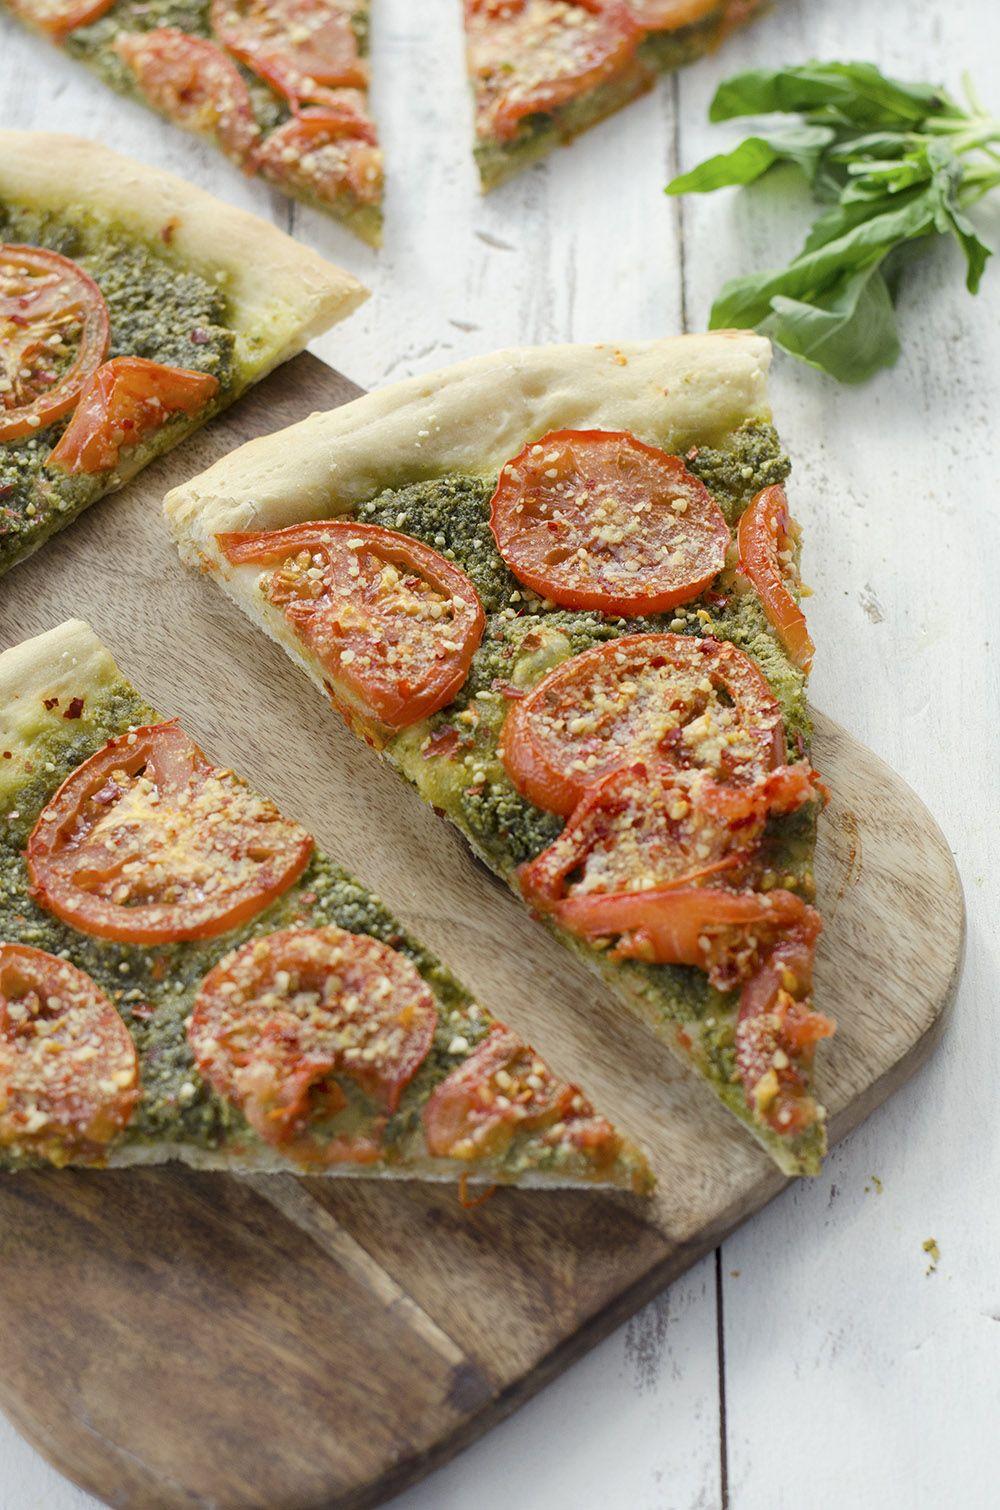 les 25 meilleures id es de la cat gorie pizza fromage sur pinterest quiche fromage repas. Black Bedroom Furniture Sets. Home Design Ideas